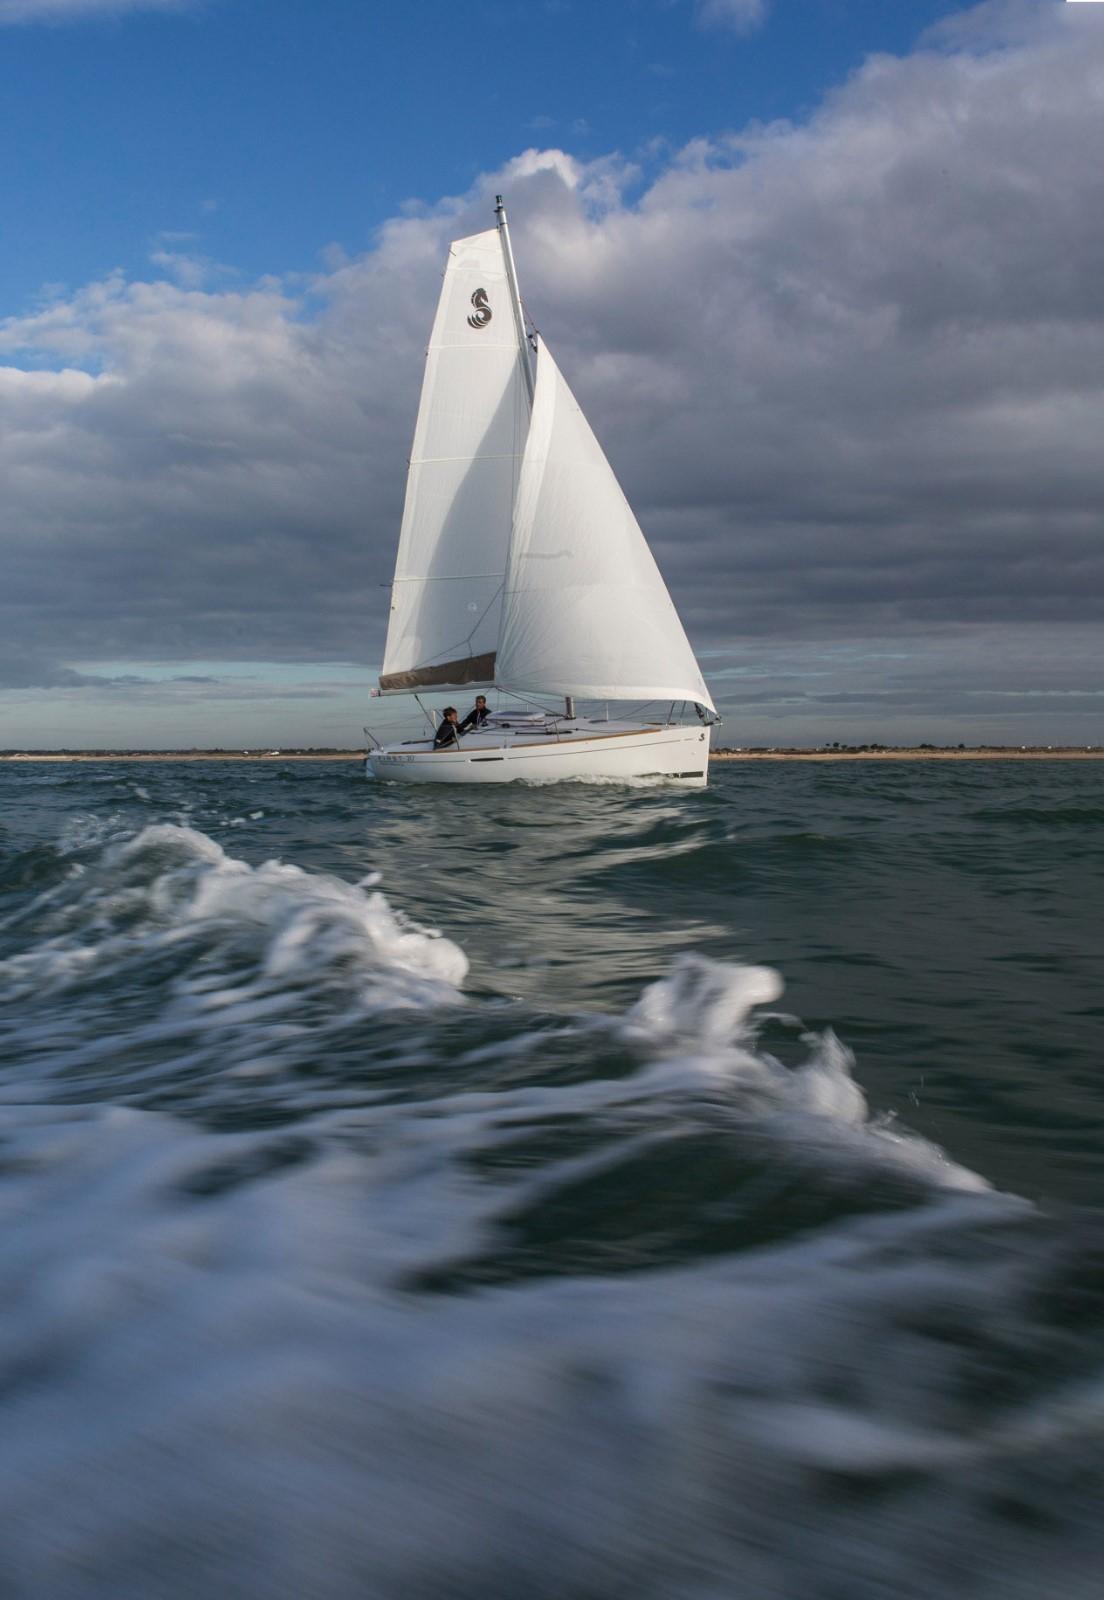 帆船,国际驾照,享受,开课,中心 帆船国际驾照,十一假期奥帆中心开课啦  132810b9jfnf82